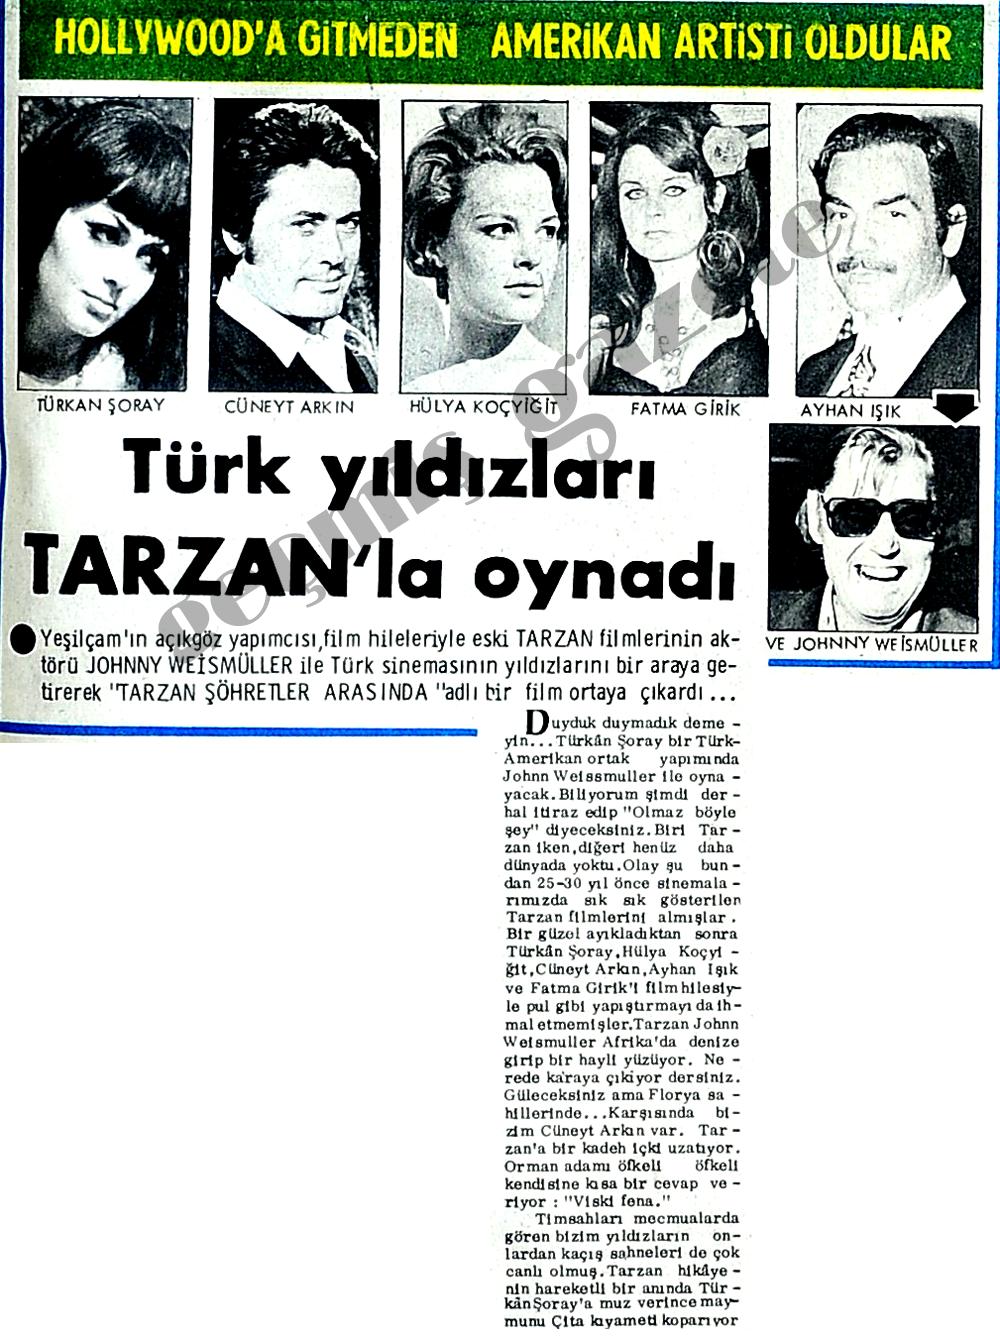 Türk yıldızları Tarzan'la oynadı